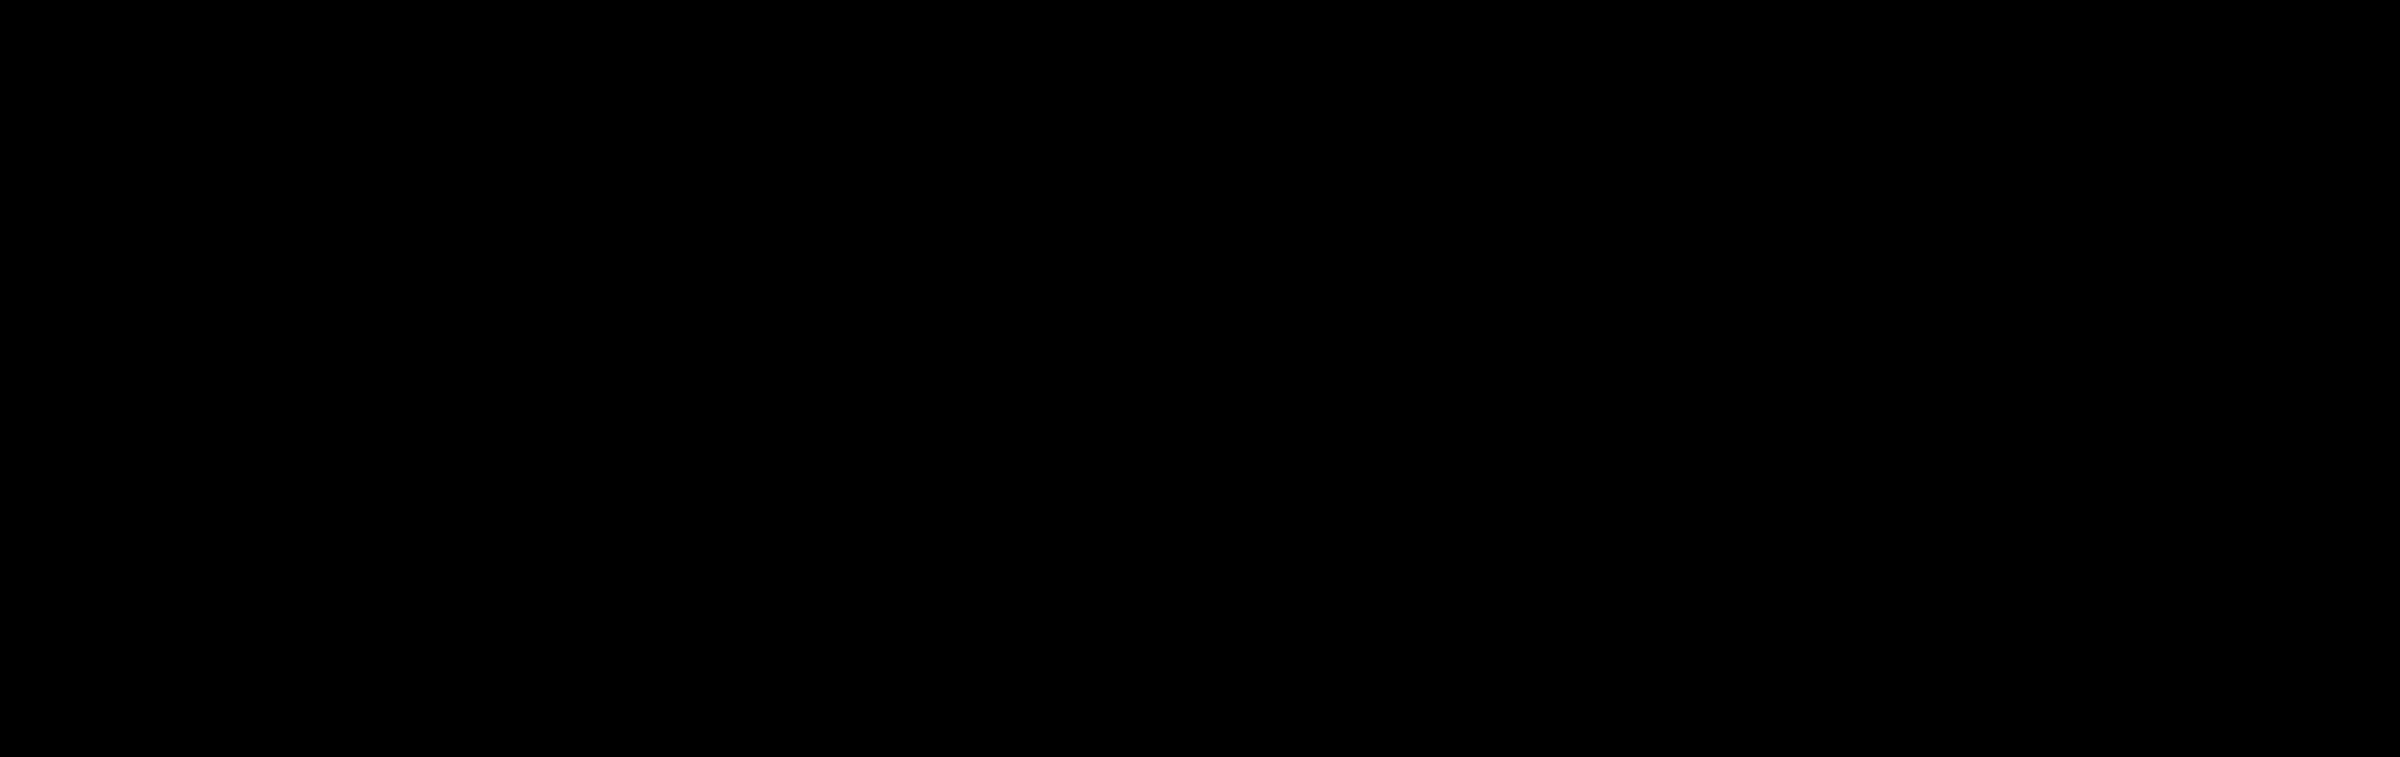 Rifle ak pistol clip. Clipart gun silhouette